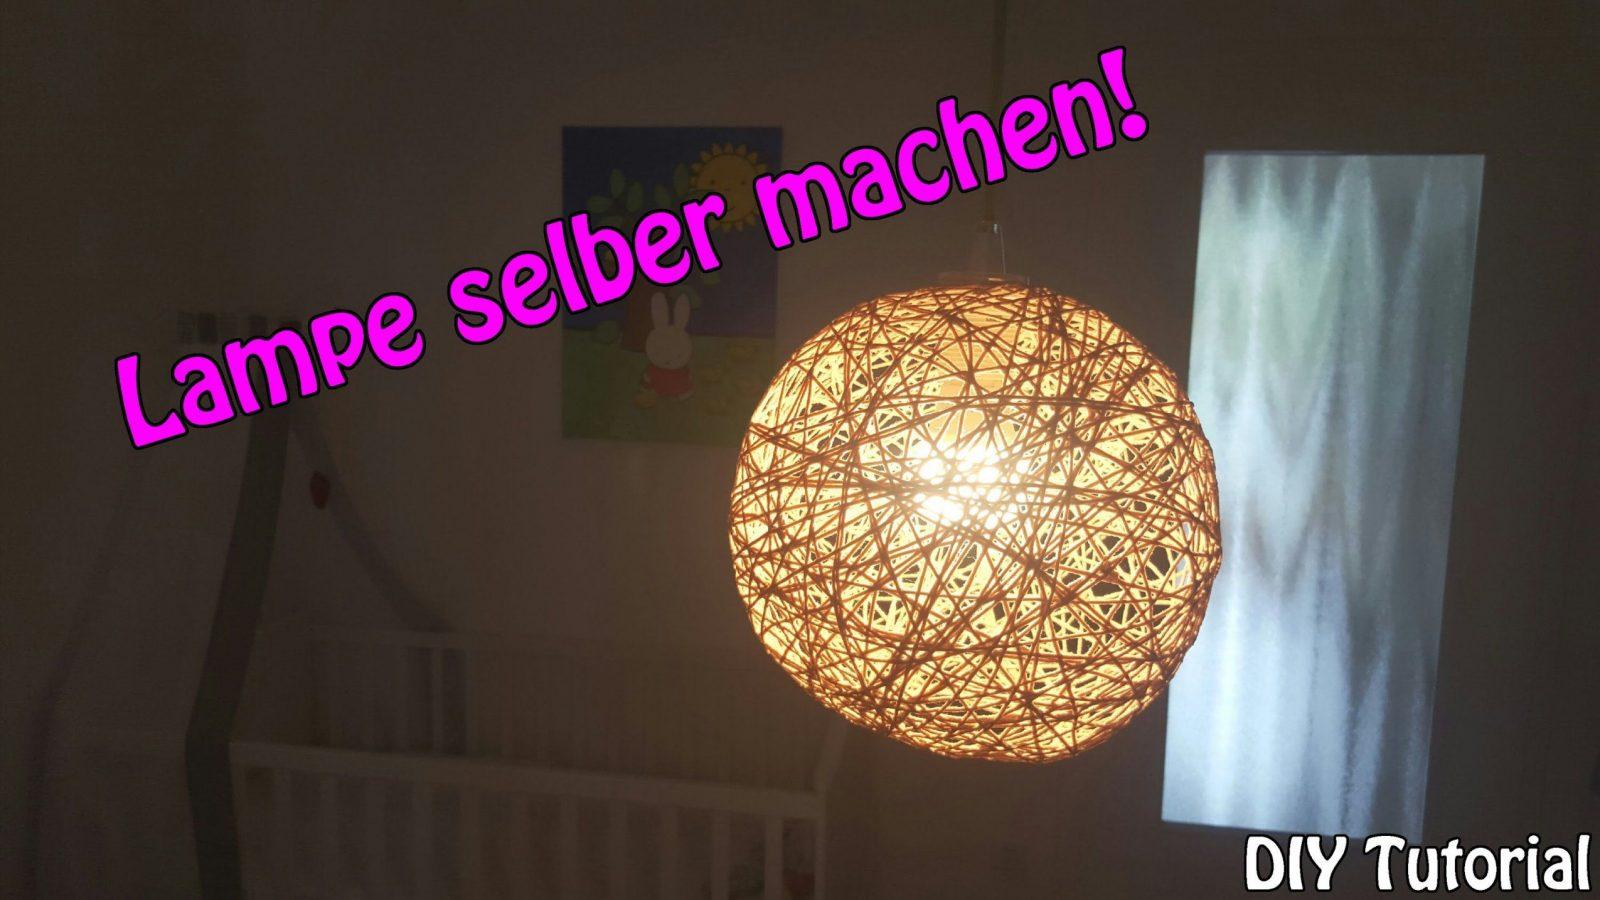 Lampe  Lampenschirm Selber Machen  Basteln Für Anfänger  Diy von Do It Yourself Lampenschirm Bild